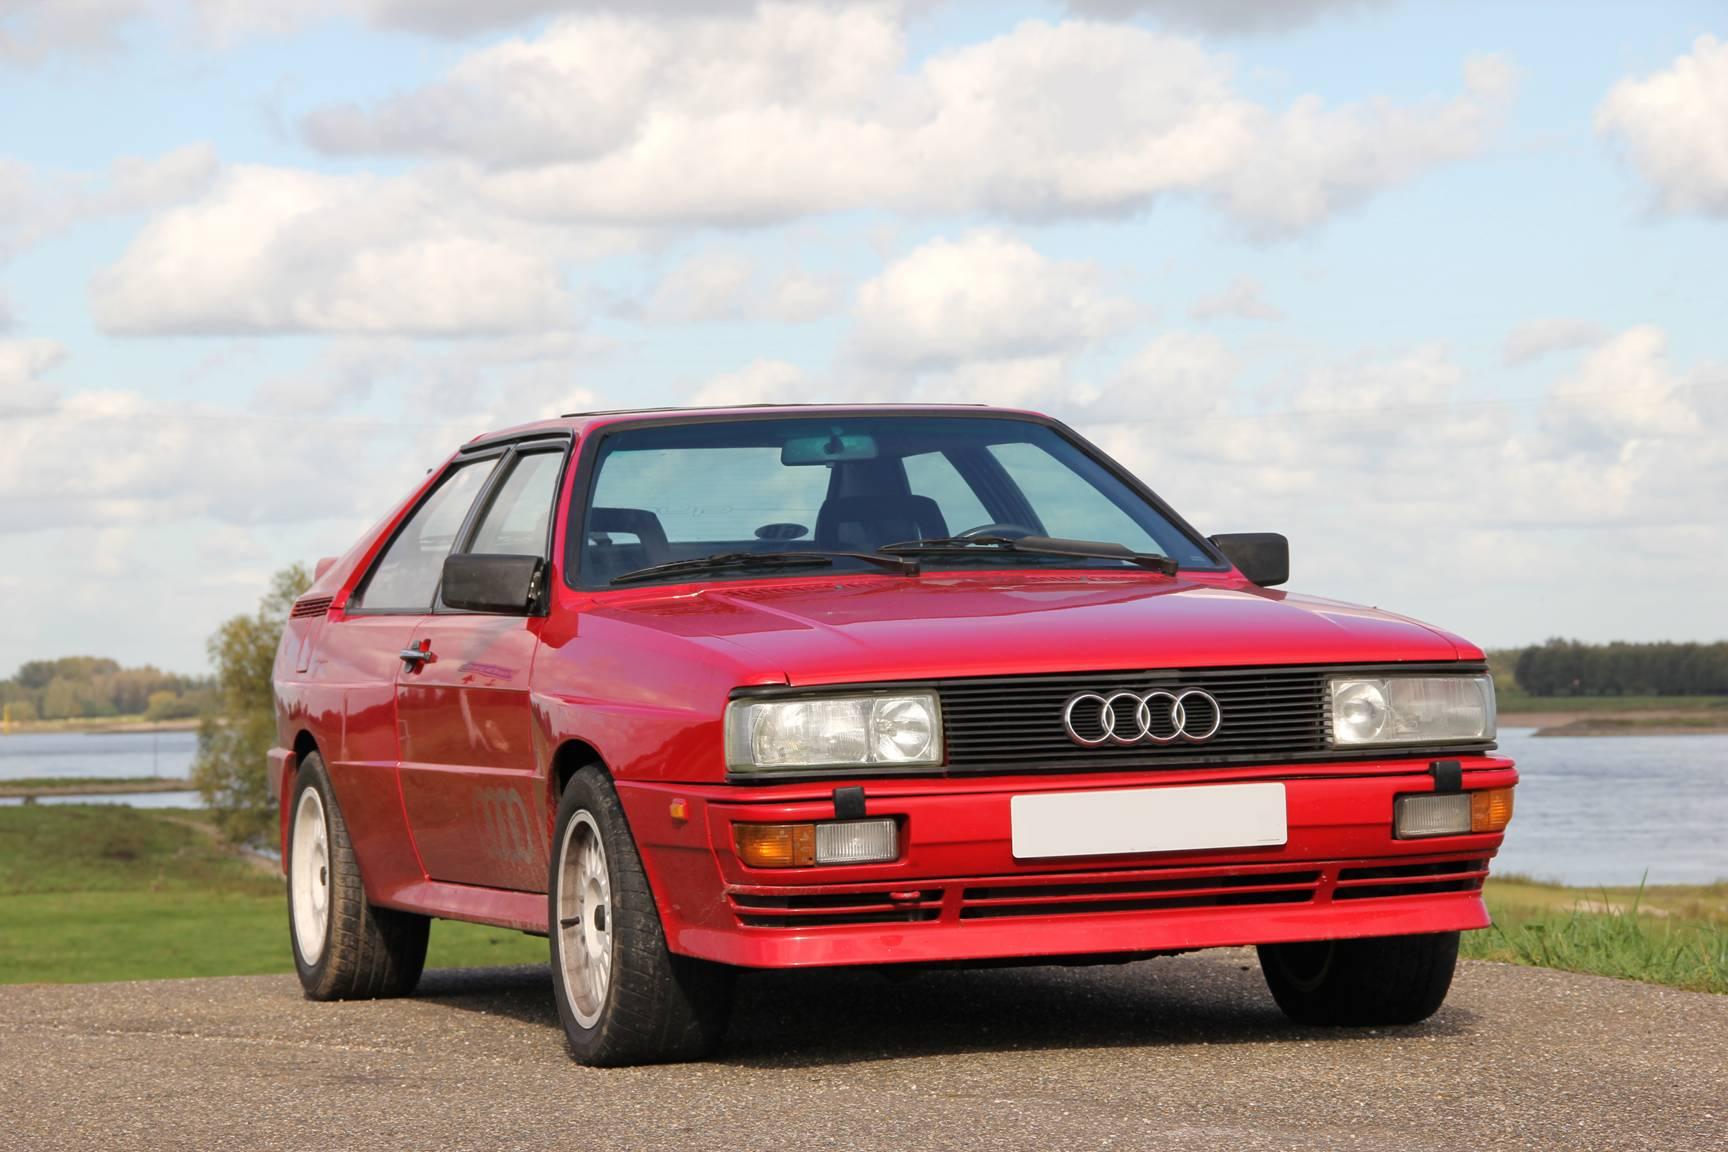 Audi-Quattro-WR-4